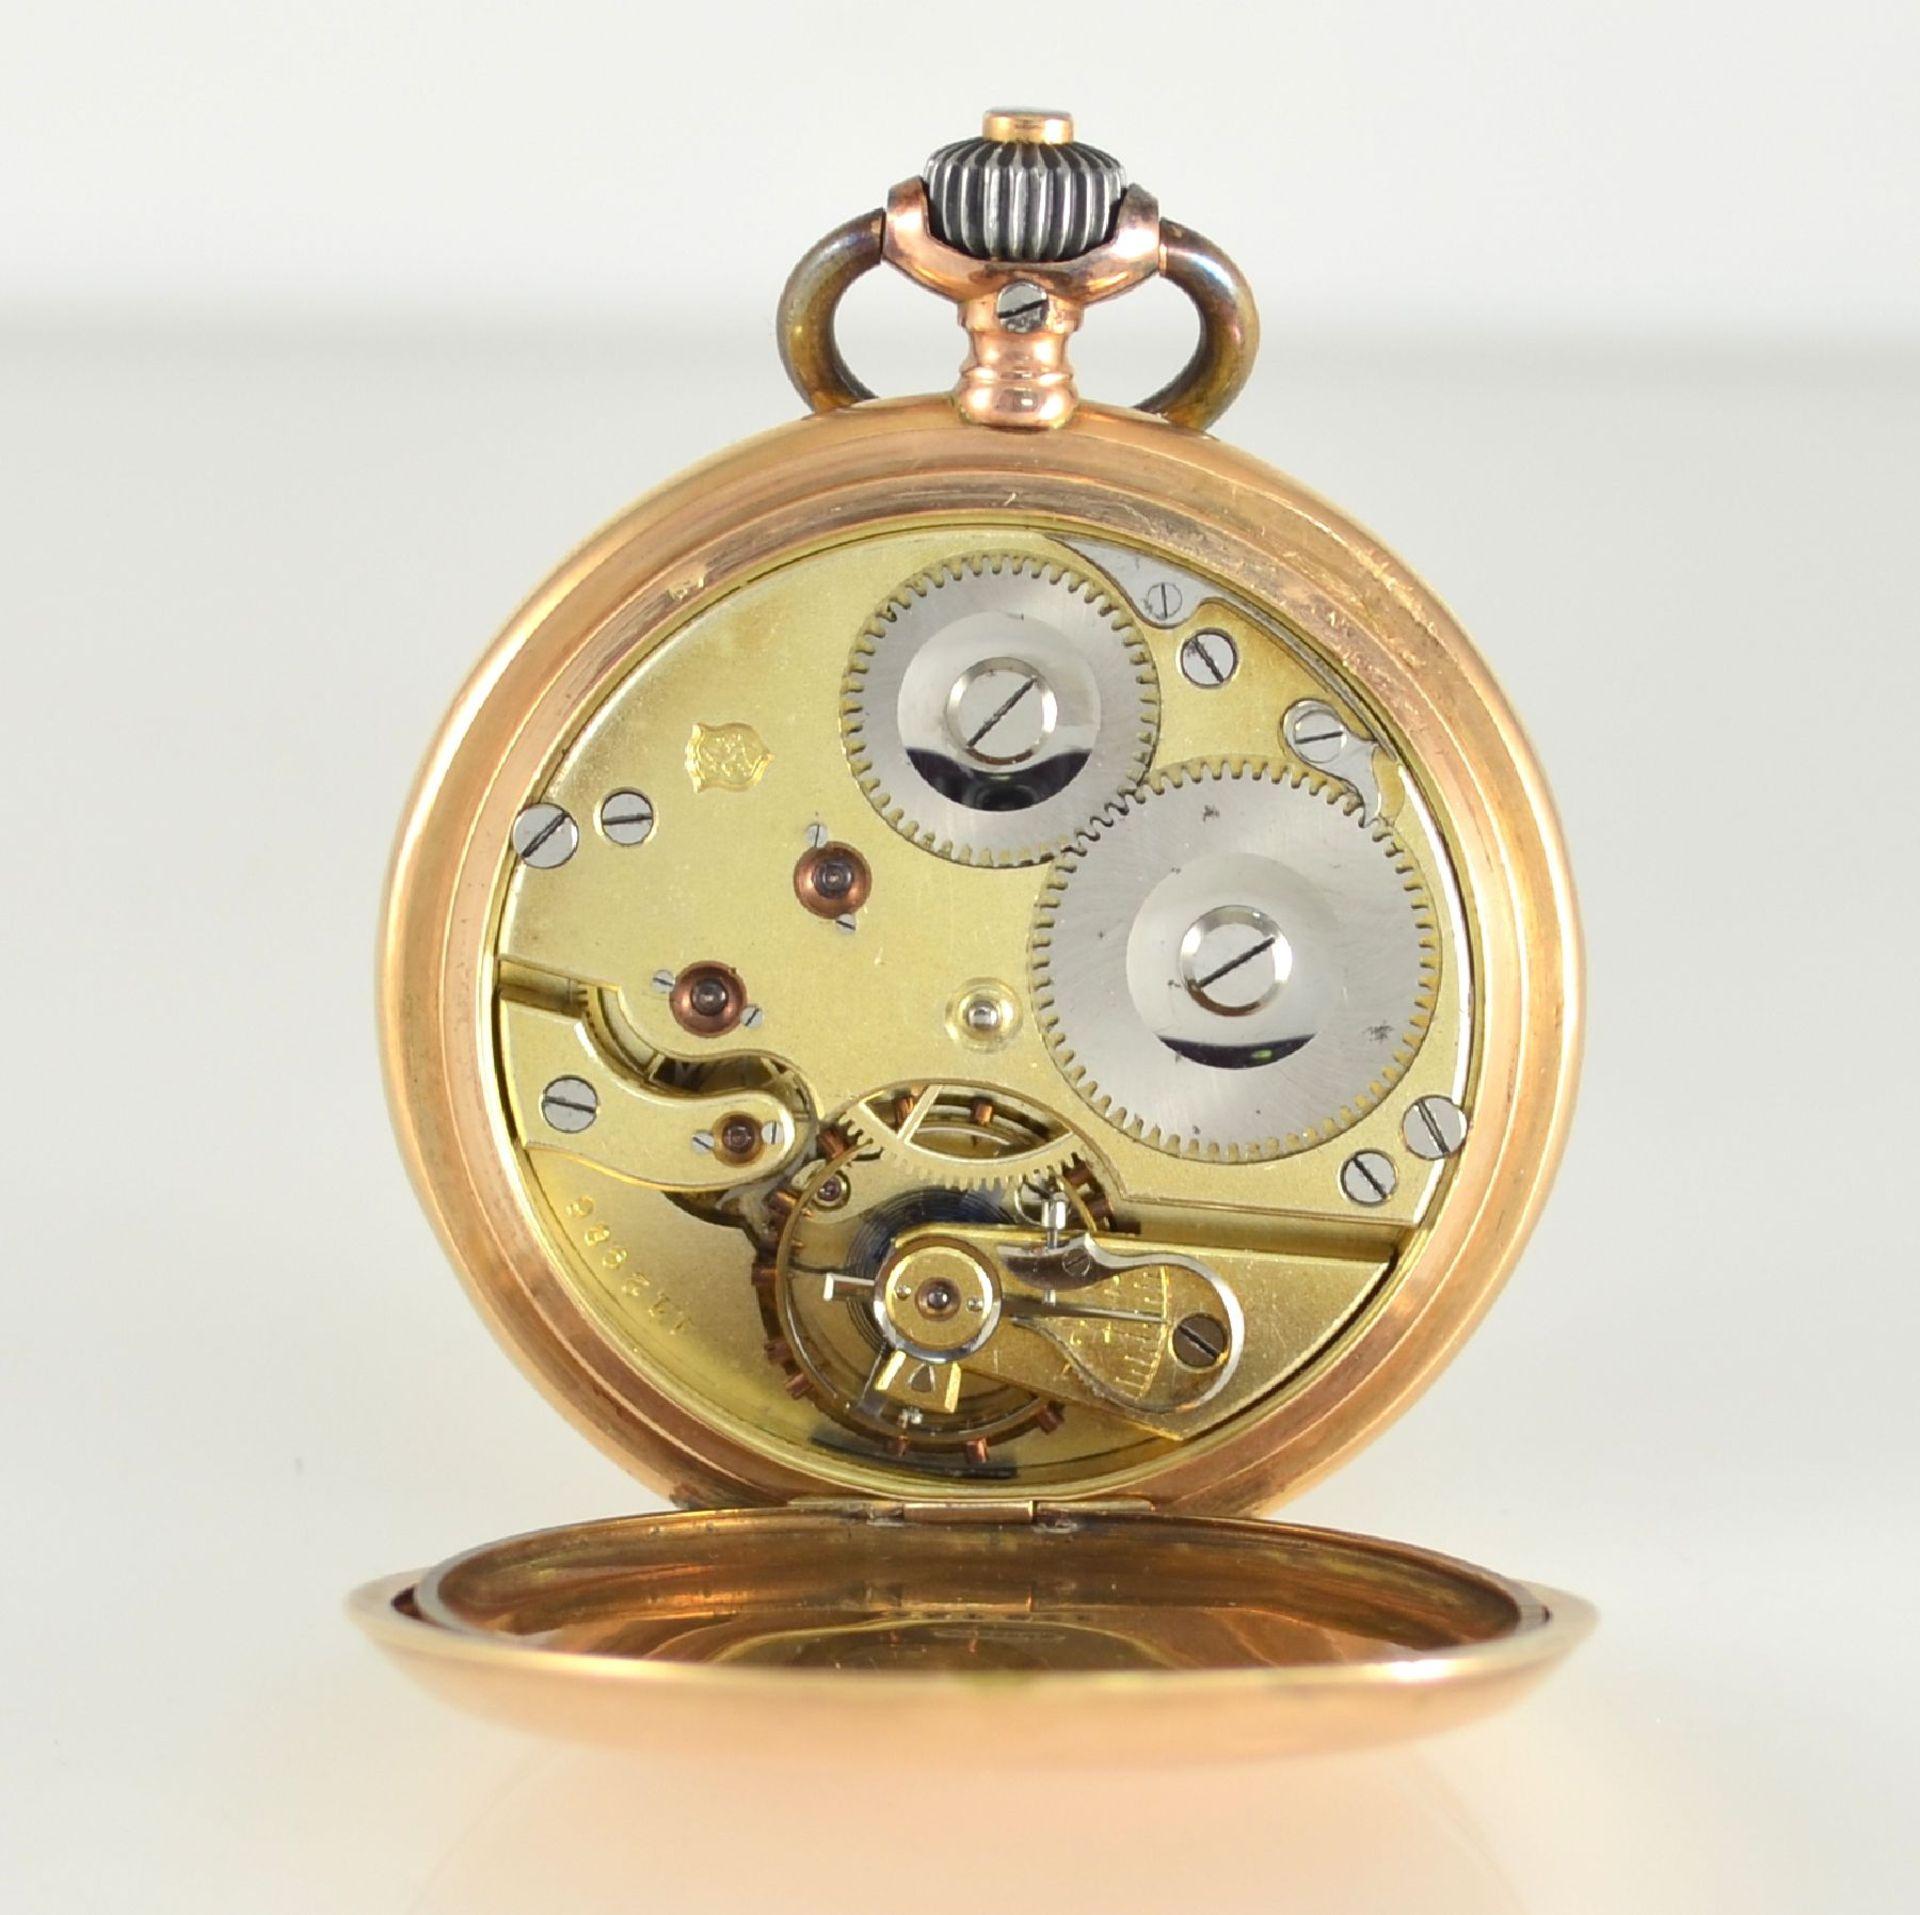 IWC Herrensavonette in RG 585/000, Schweiz um 1894, 2-Deckel Goldgehäuse dell., Emailzifferbl. m. - Bild 9 aus 10